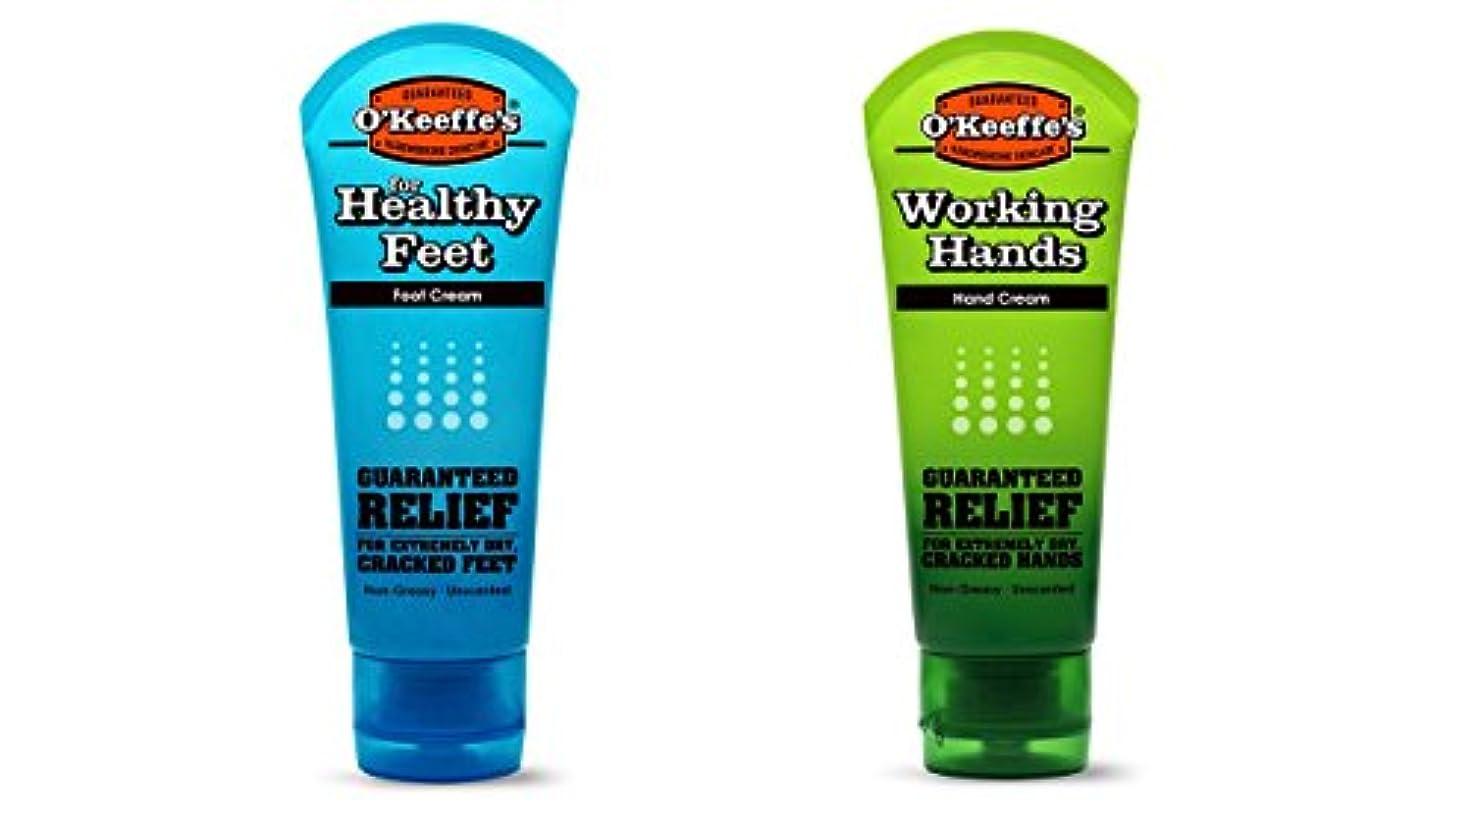 母音おもてなし前売オキーフス ワーキングハンドクリーム &フィートクリームチューブ  85g 各1(合計2点)(並行輸入品) O'Keeffe's Working Hand & Feet Tube Cream 3oz 1 each